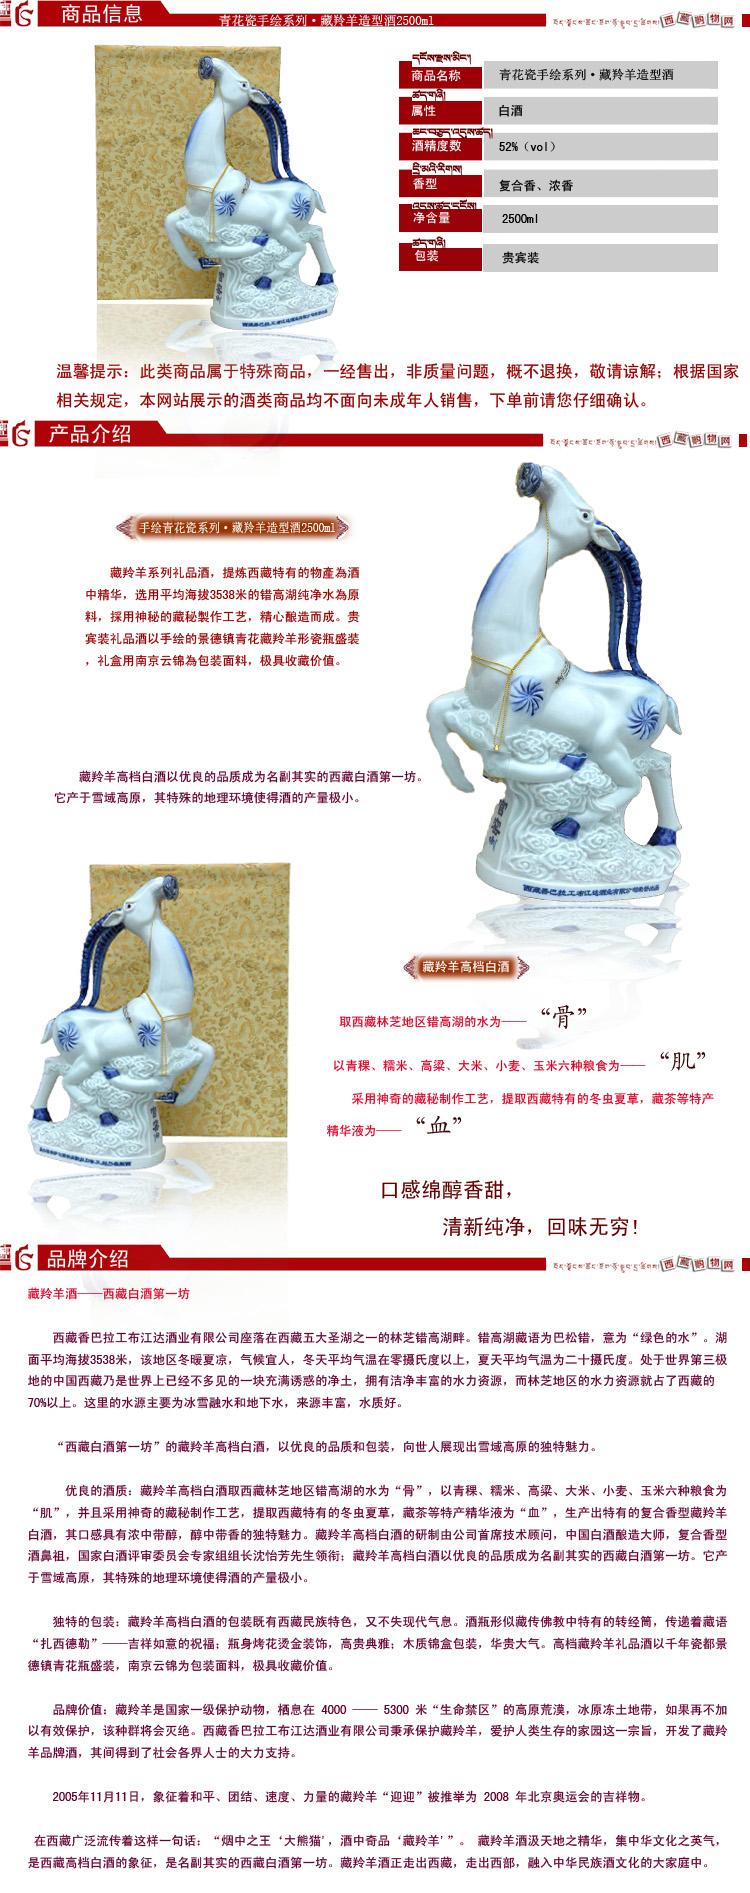 西藏藏羚羊酒 青花瓷手绘系列·藏羚羊造型酒2500